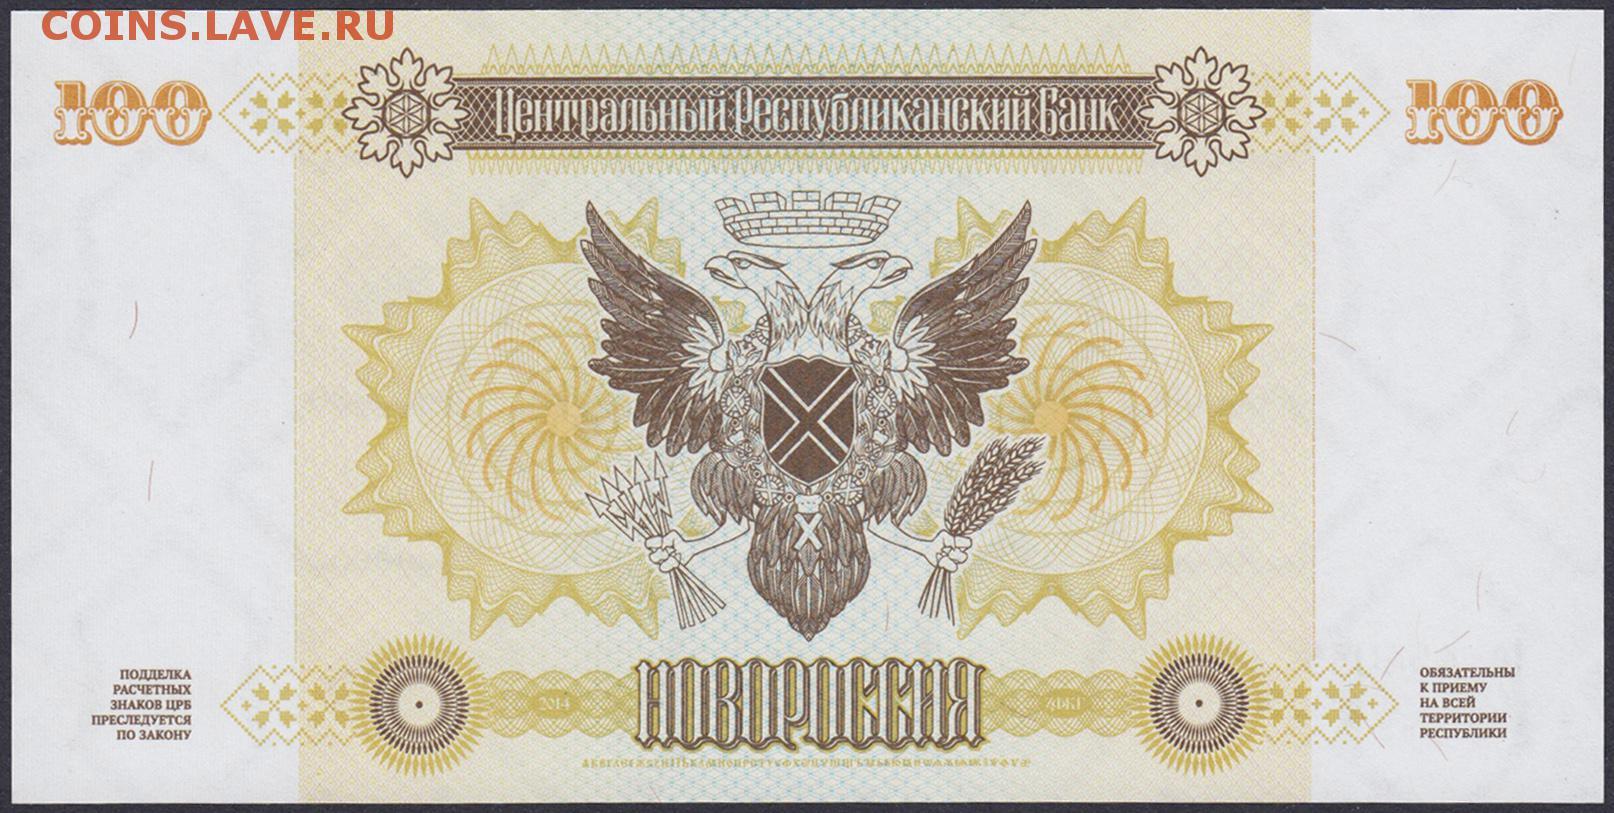 Как сделать свою валюту в россии